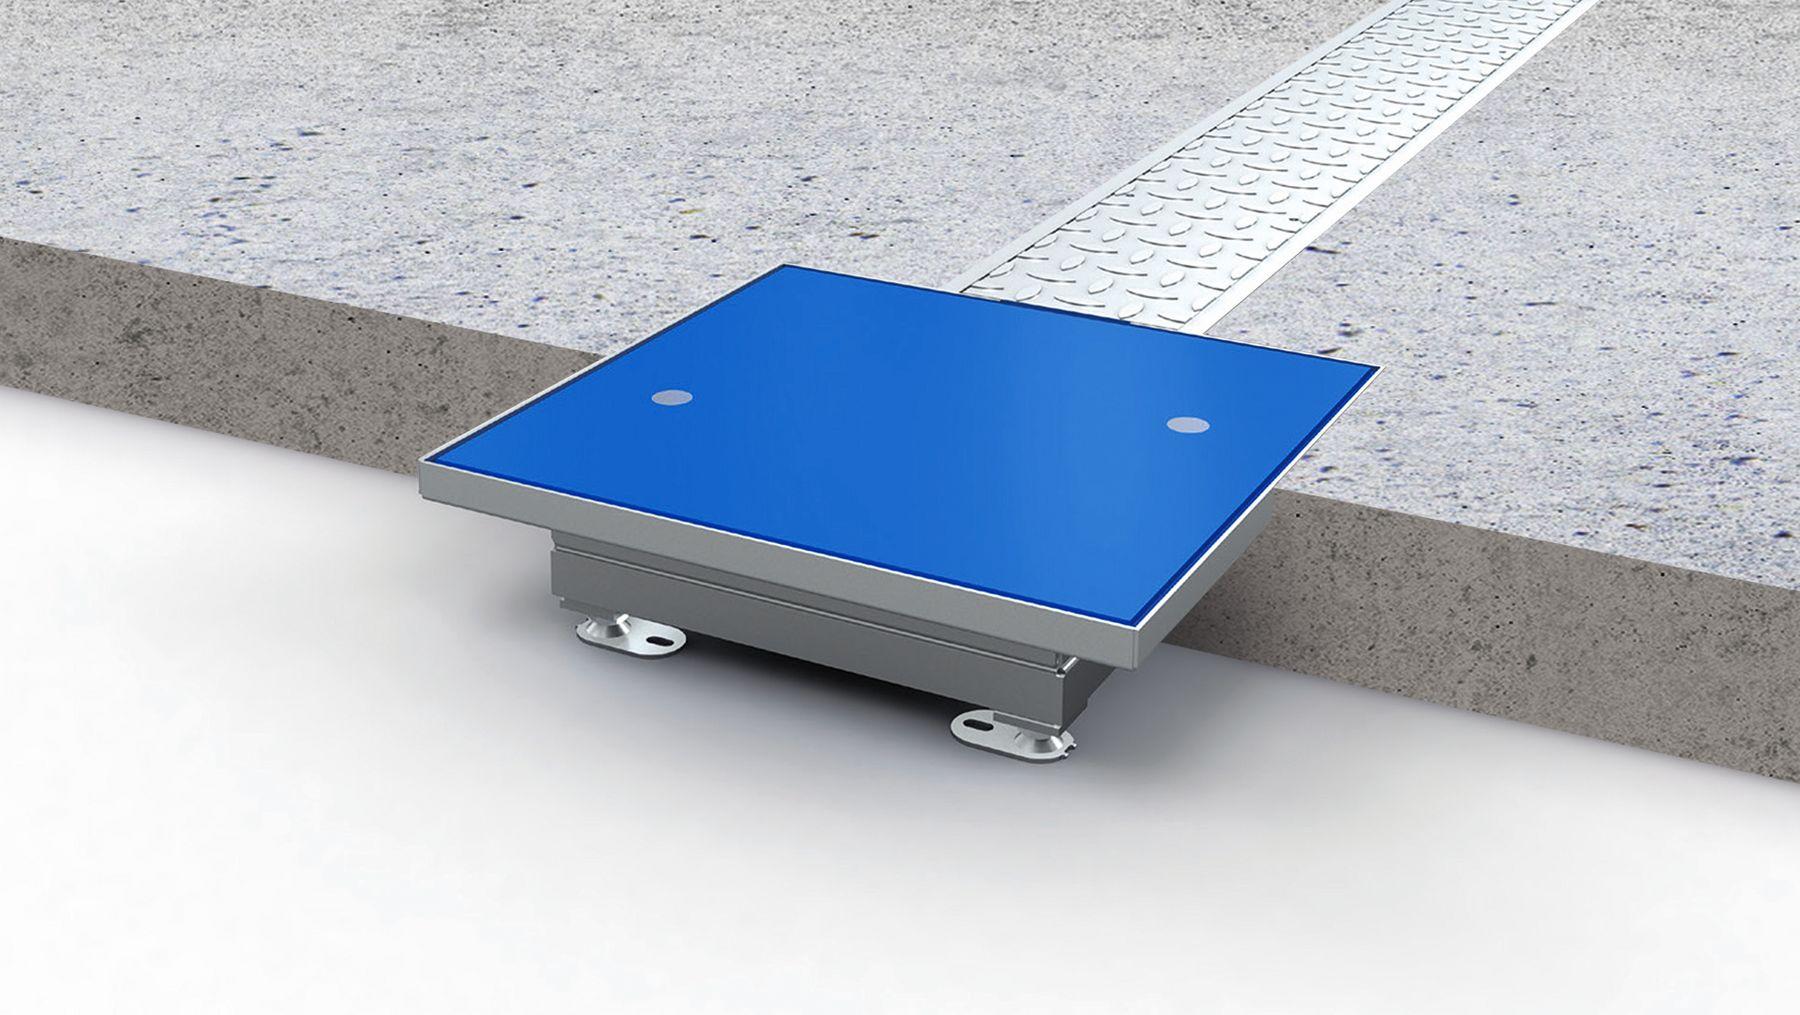 WCPS - PUK - wireless charging in ground application - installation induktives laden